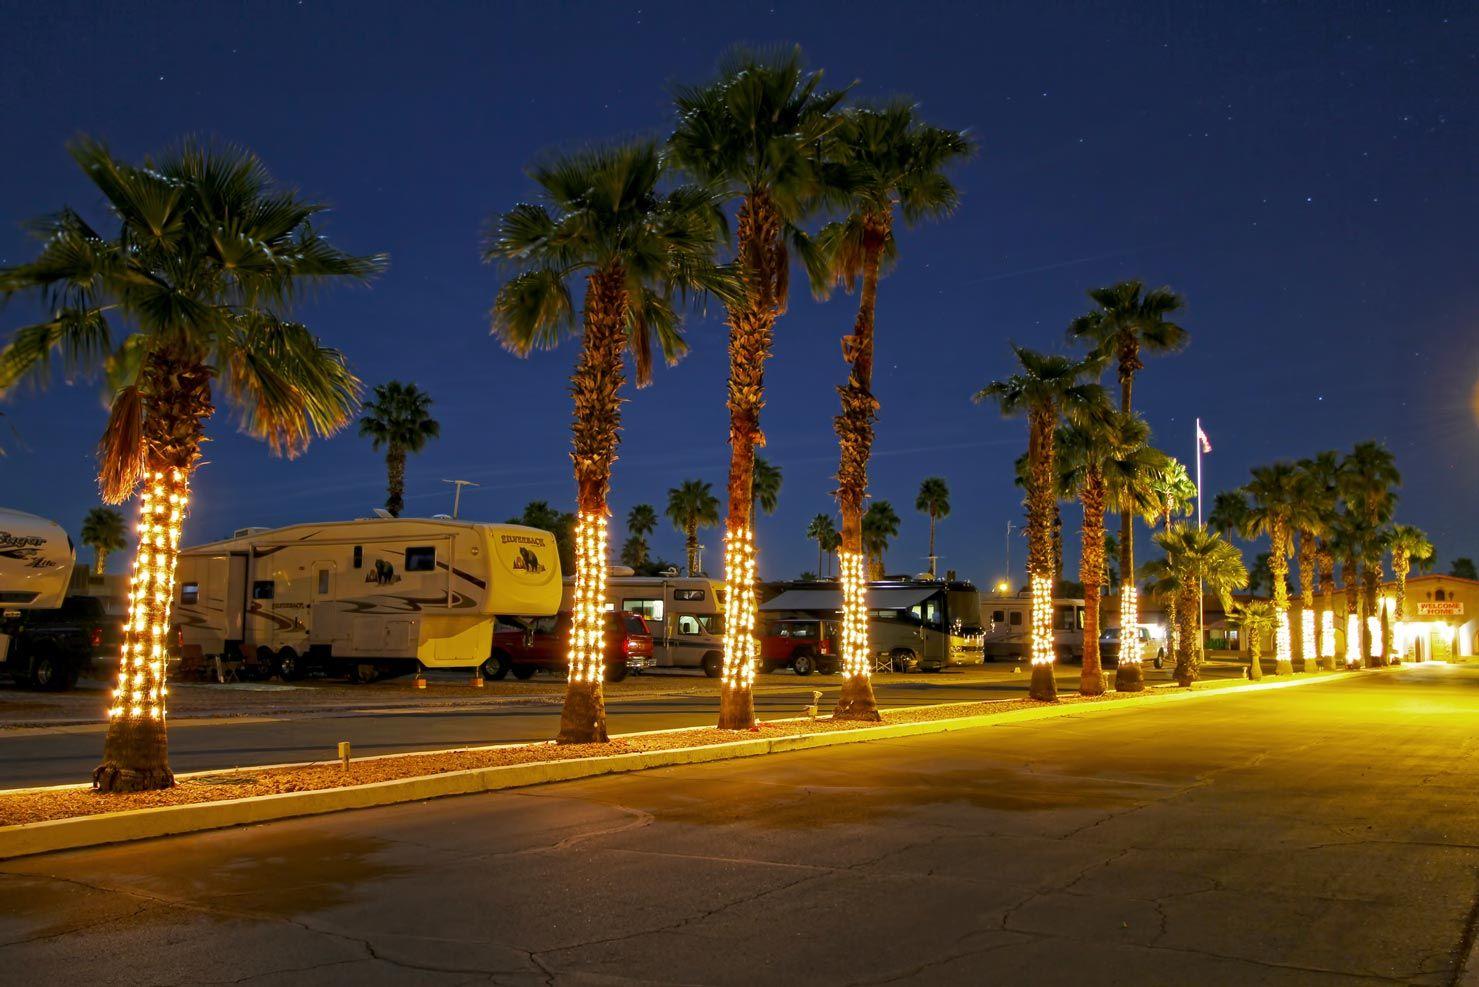 Night life at Bonita Vista Resort